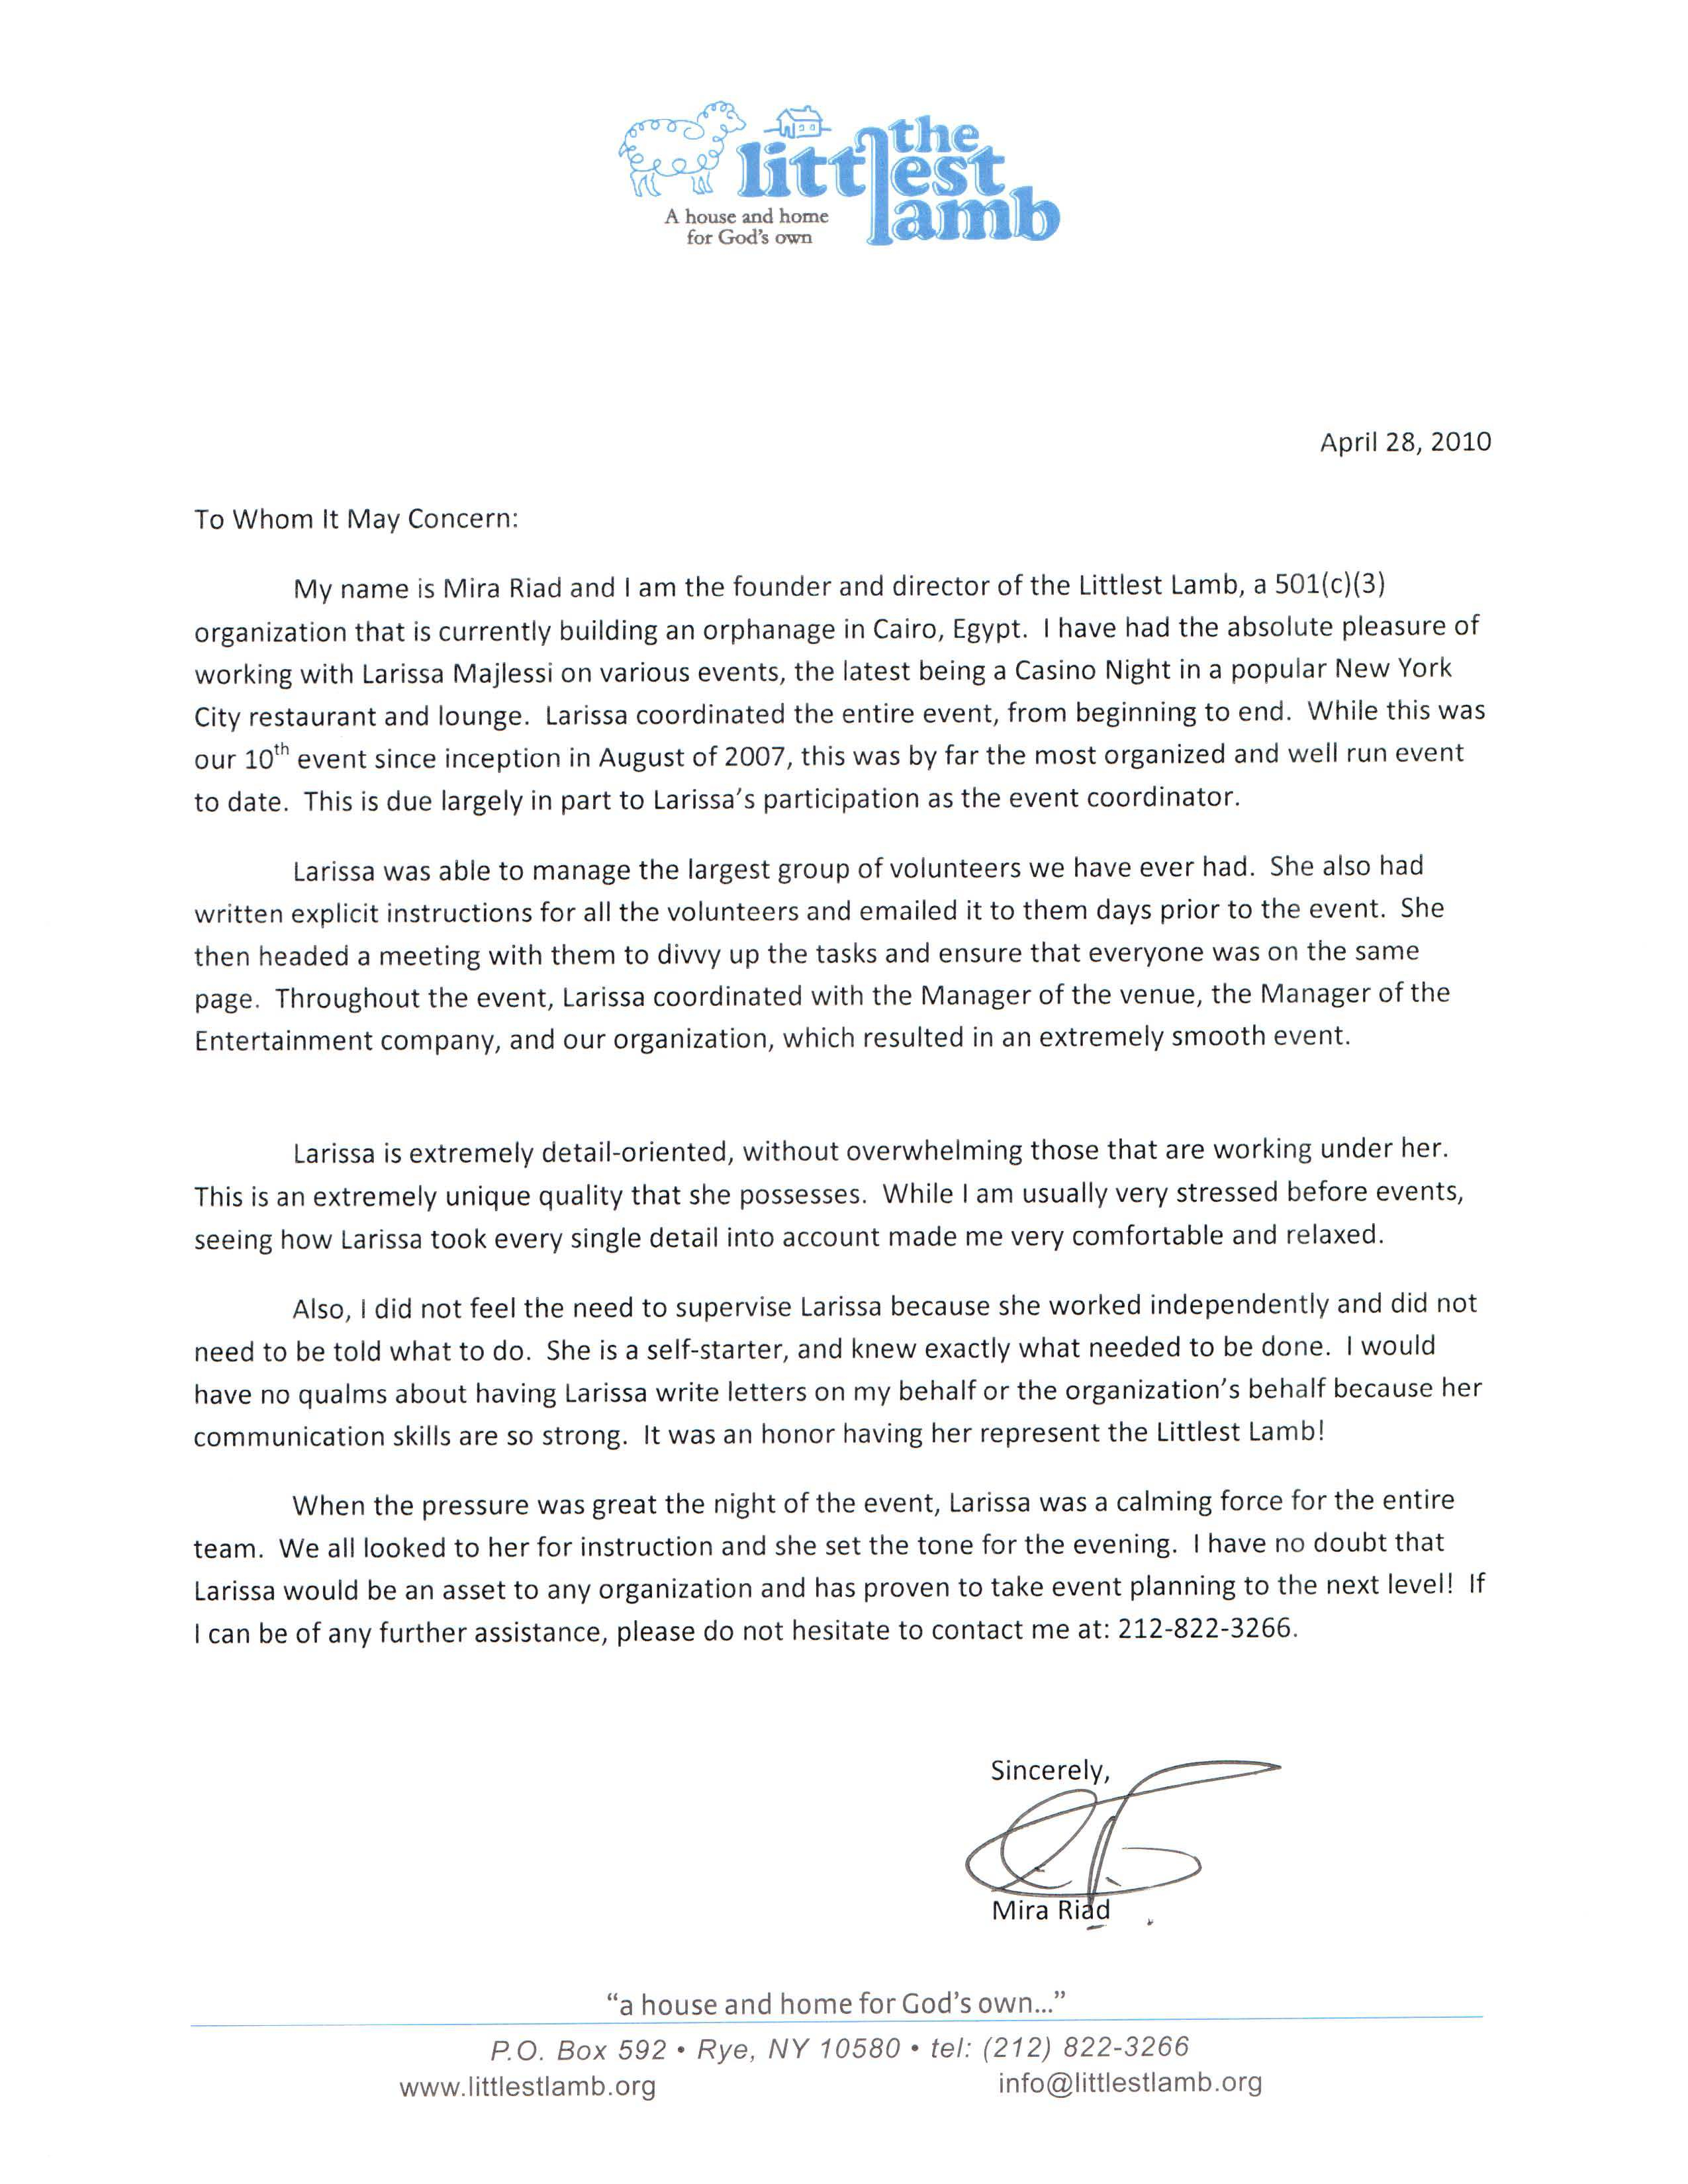 Parent Volunteer Letter Template - Volunteer Reference Letter Template Gallery Letter format formal